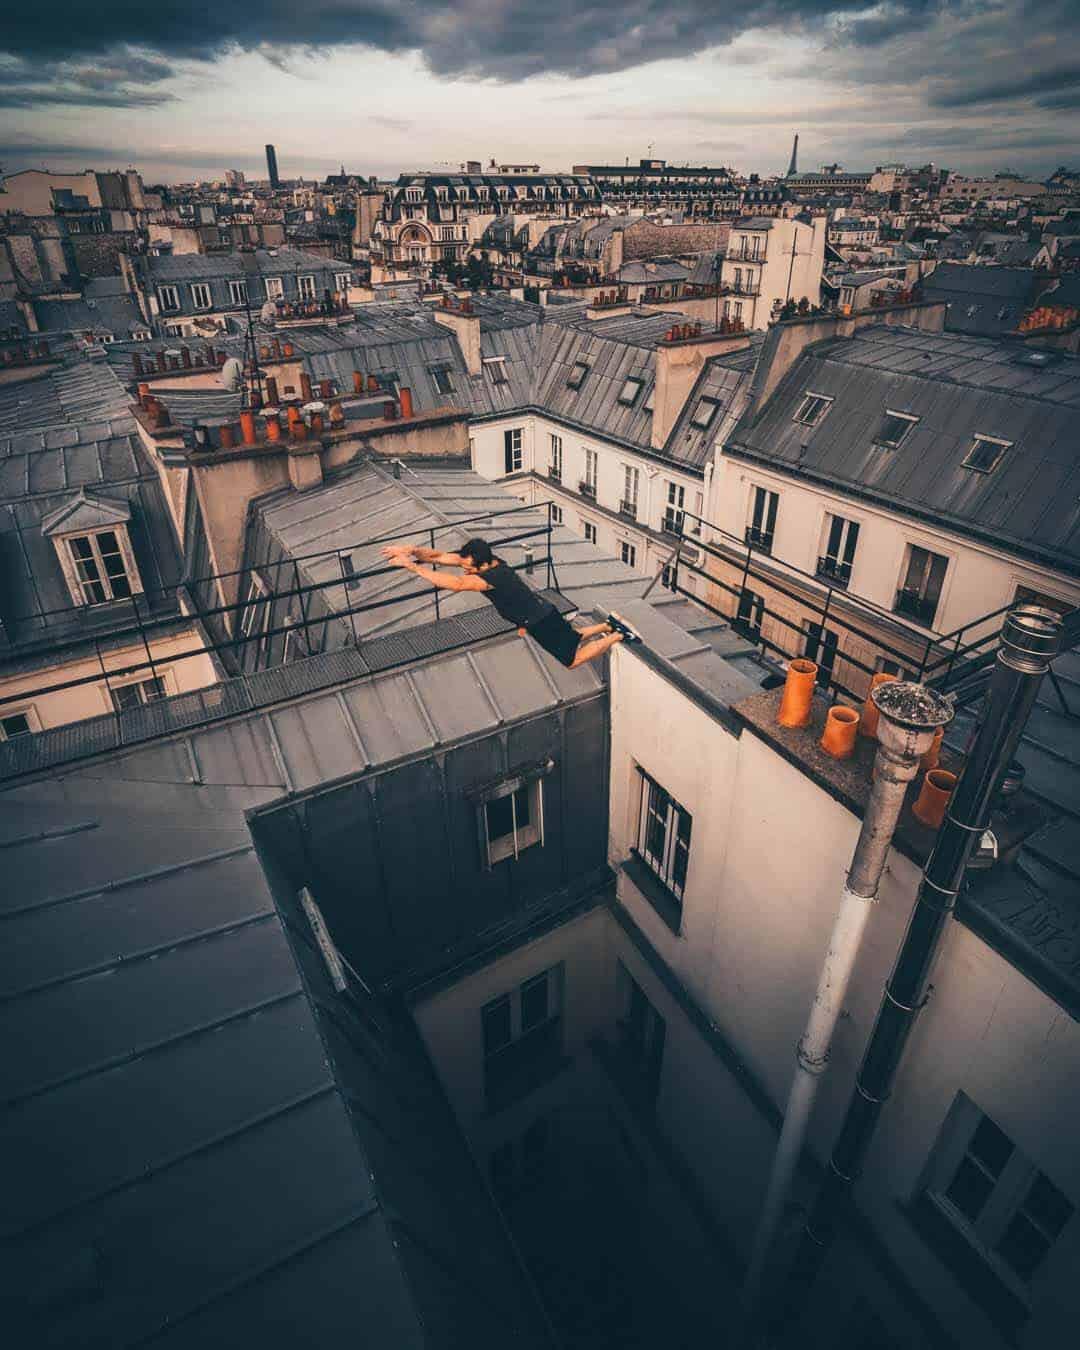 etrefort thibaut parkour clothing outdor paris rooftop pov wide